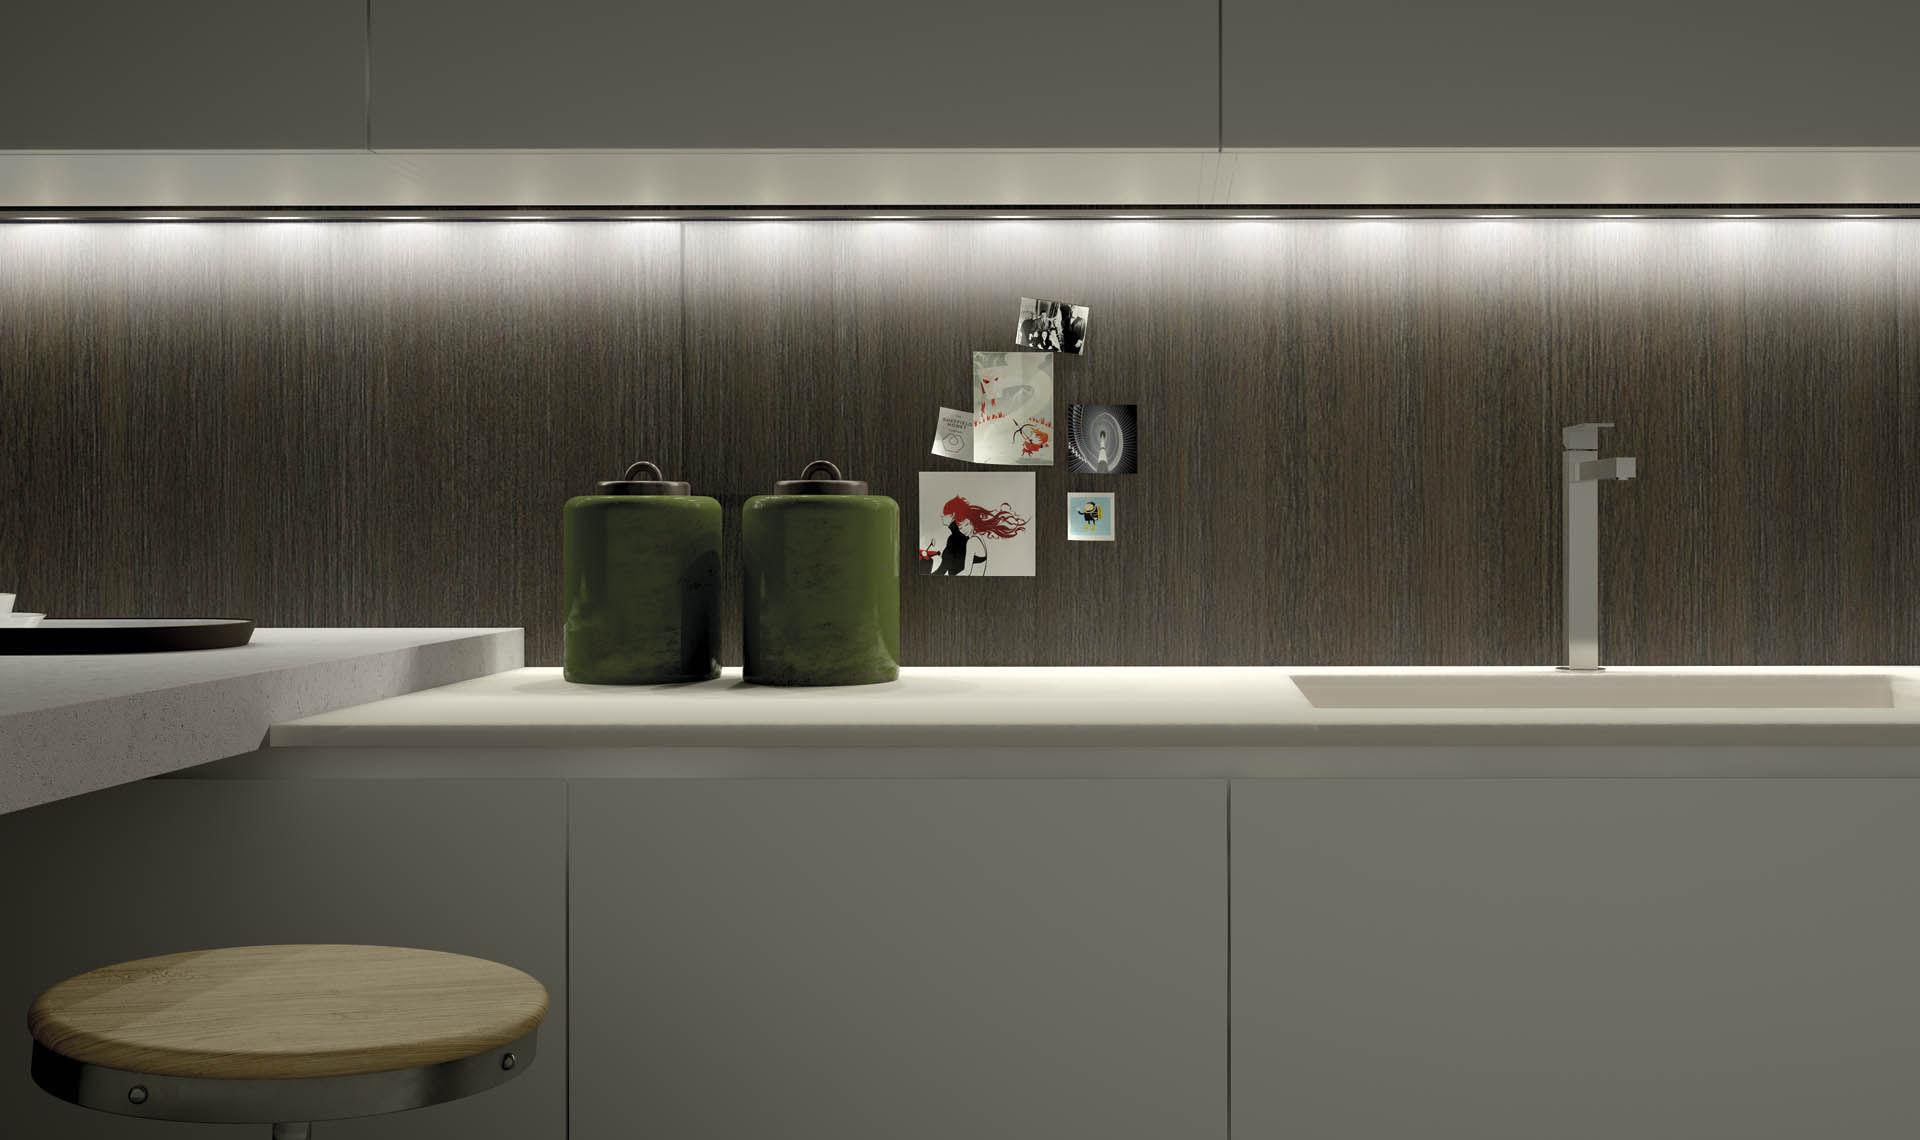 cucina moderna / in legno / con isola / laccata - forty/5 ... - Cucine Valdesign